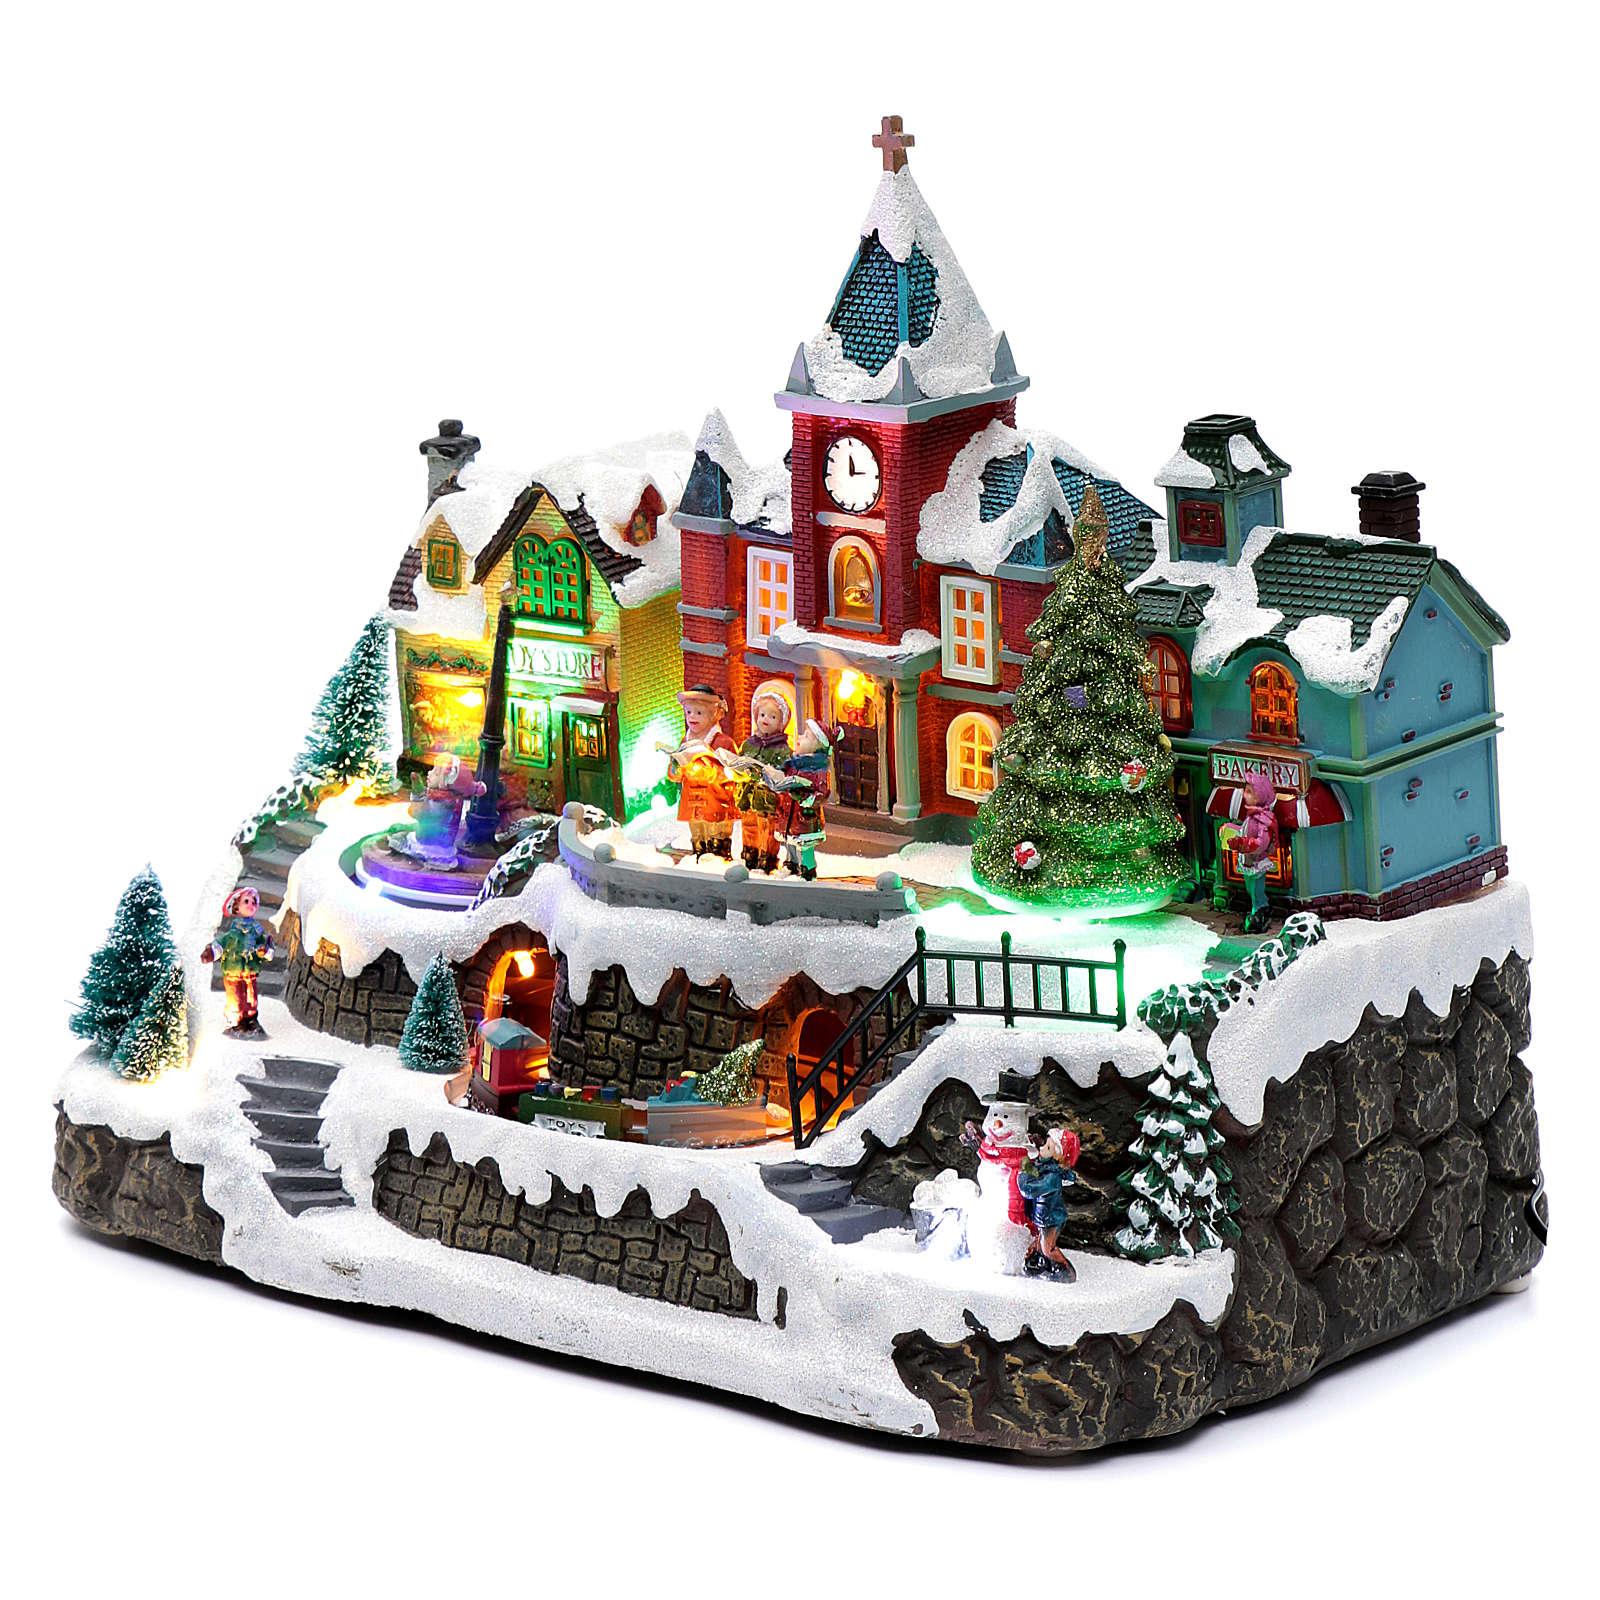 Villaggio natalizio luminoso musica movim trenino fontana albero natale 28X34X19 cm 3